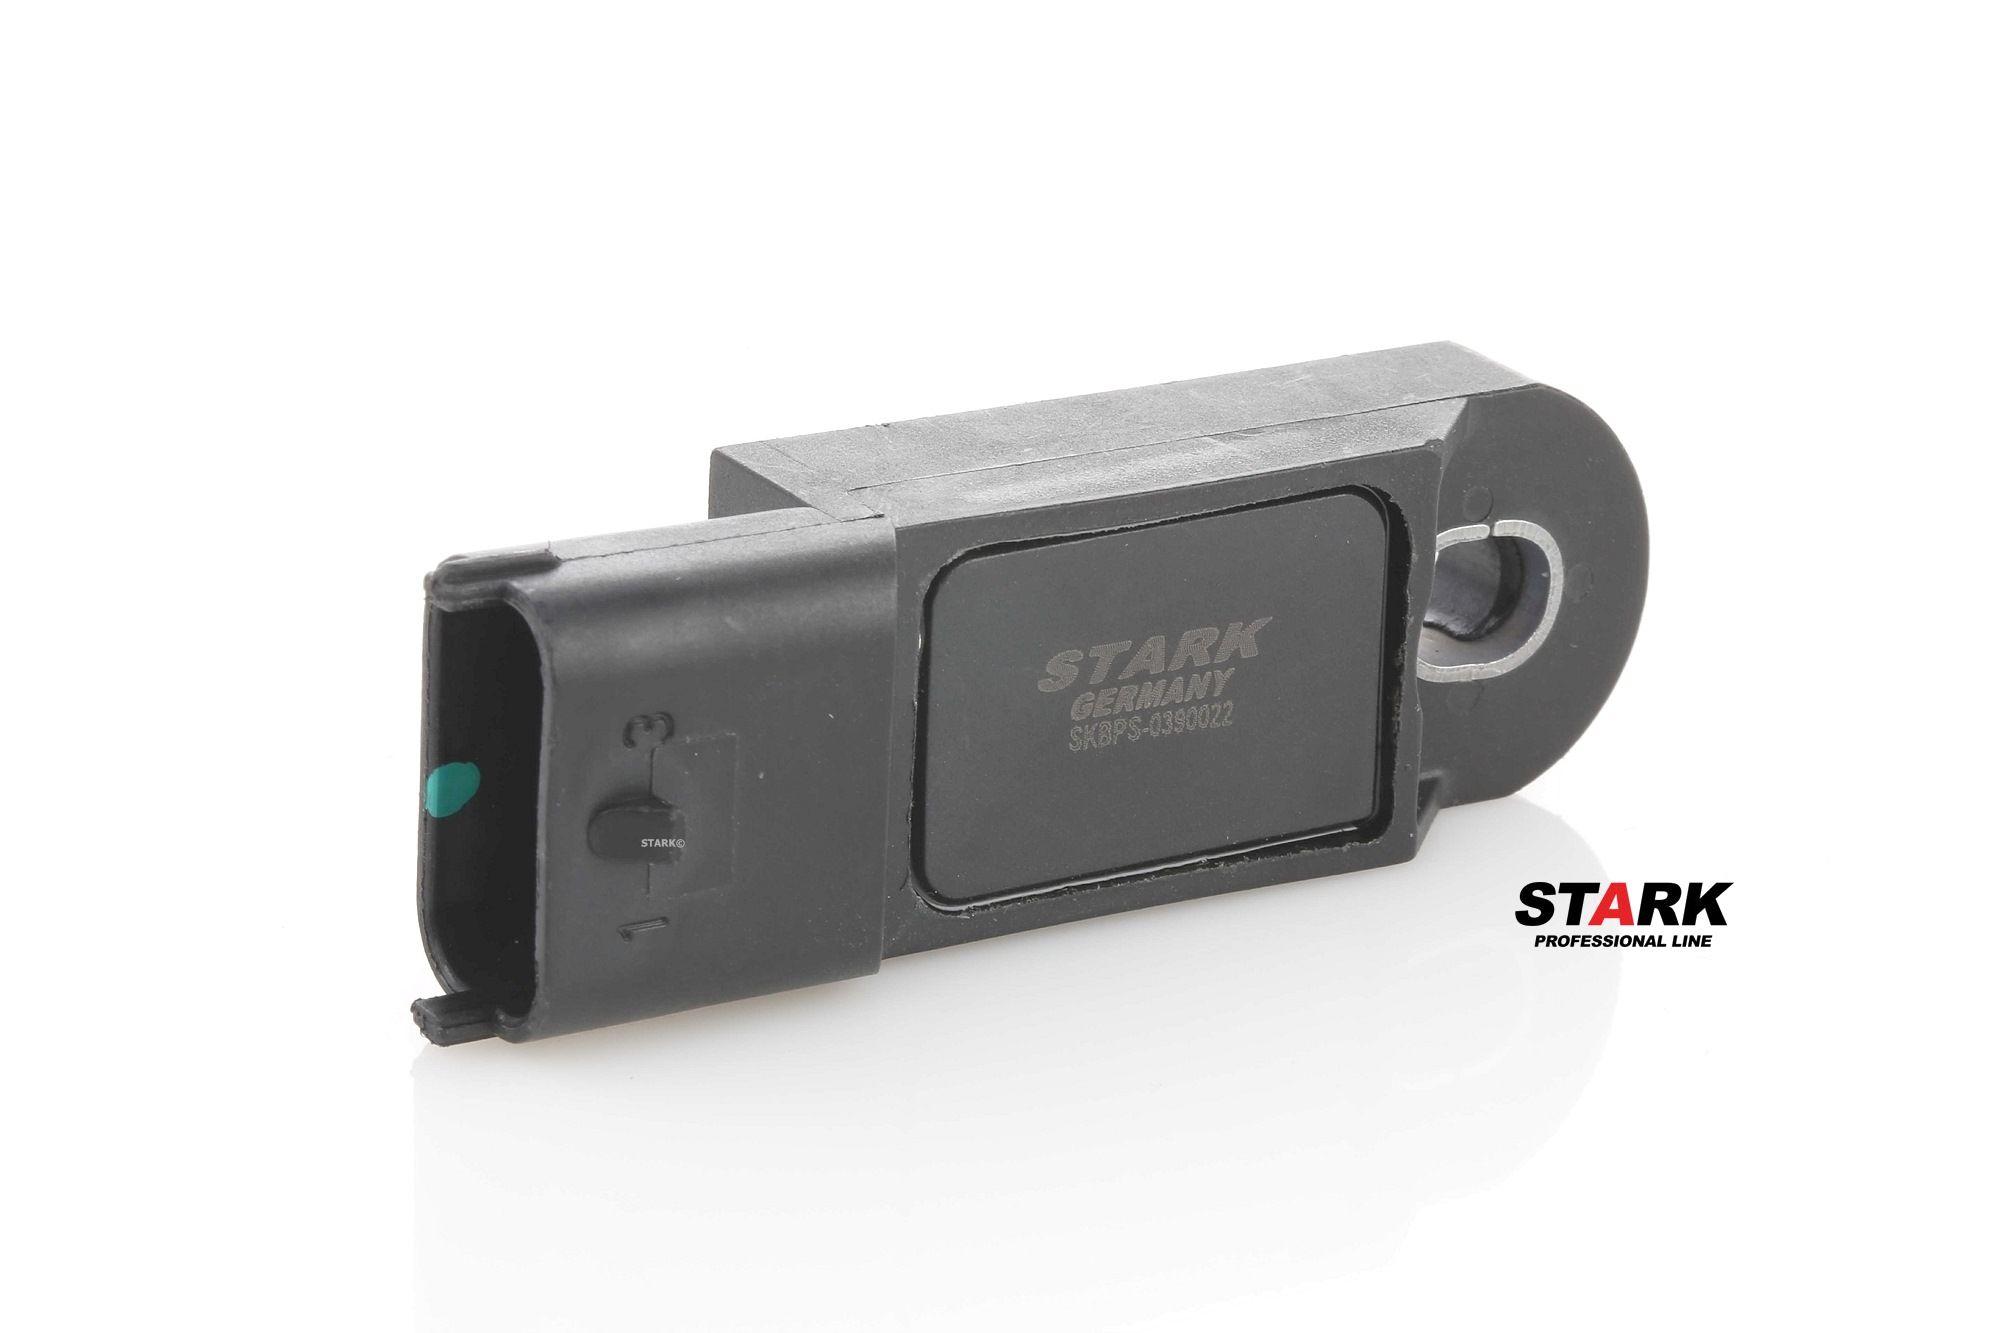 NISSAN PULSAR 2015 Ladedrucksensor - Original STARK SKBPS-0390022 Pol-Anzahl: 3-polig